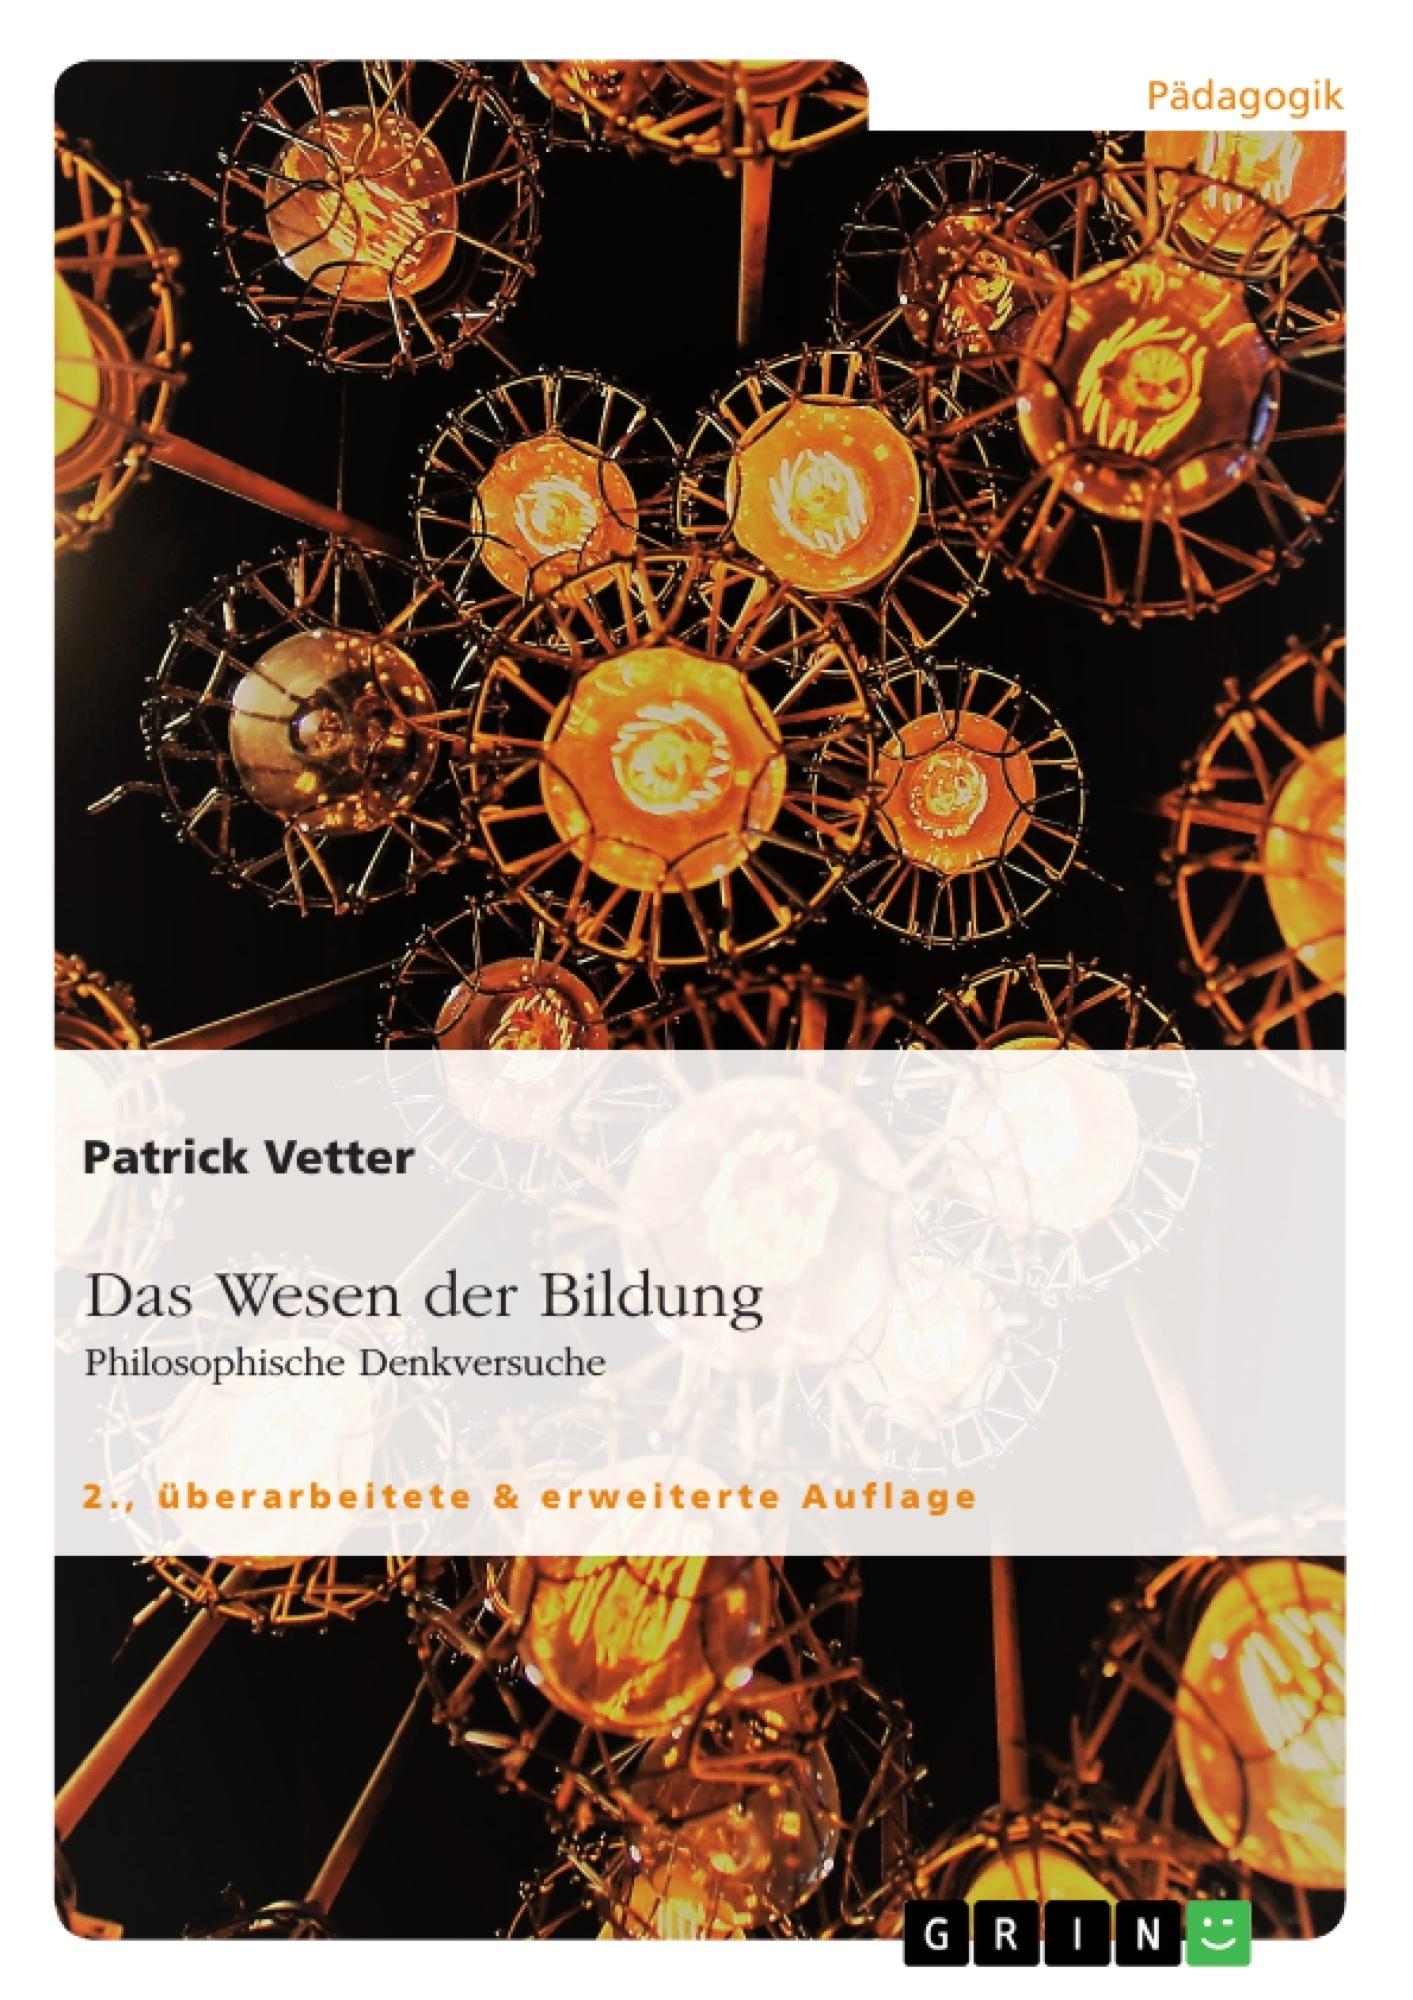 Titel: Das Wesen der Bildung. Philosophische Denkversuche